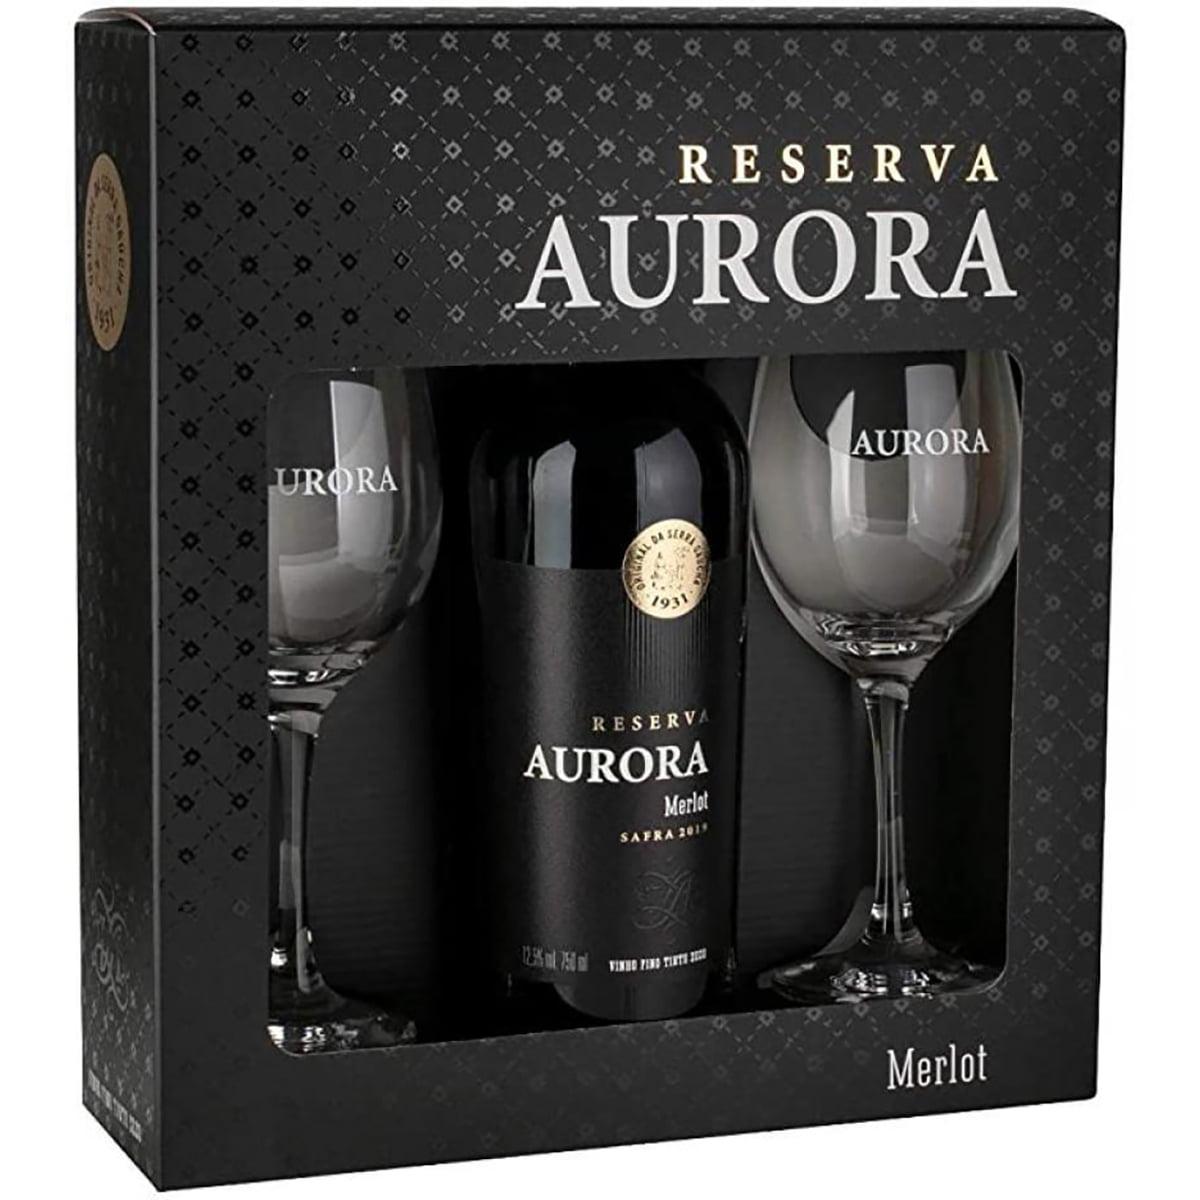 Kit Vinho Aurora Reserva Merlot Tinto Seco 750ml C/2 Taças